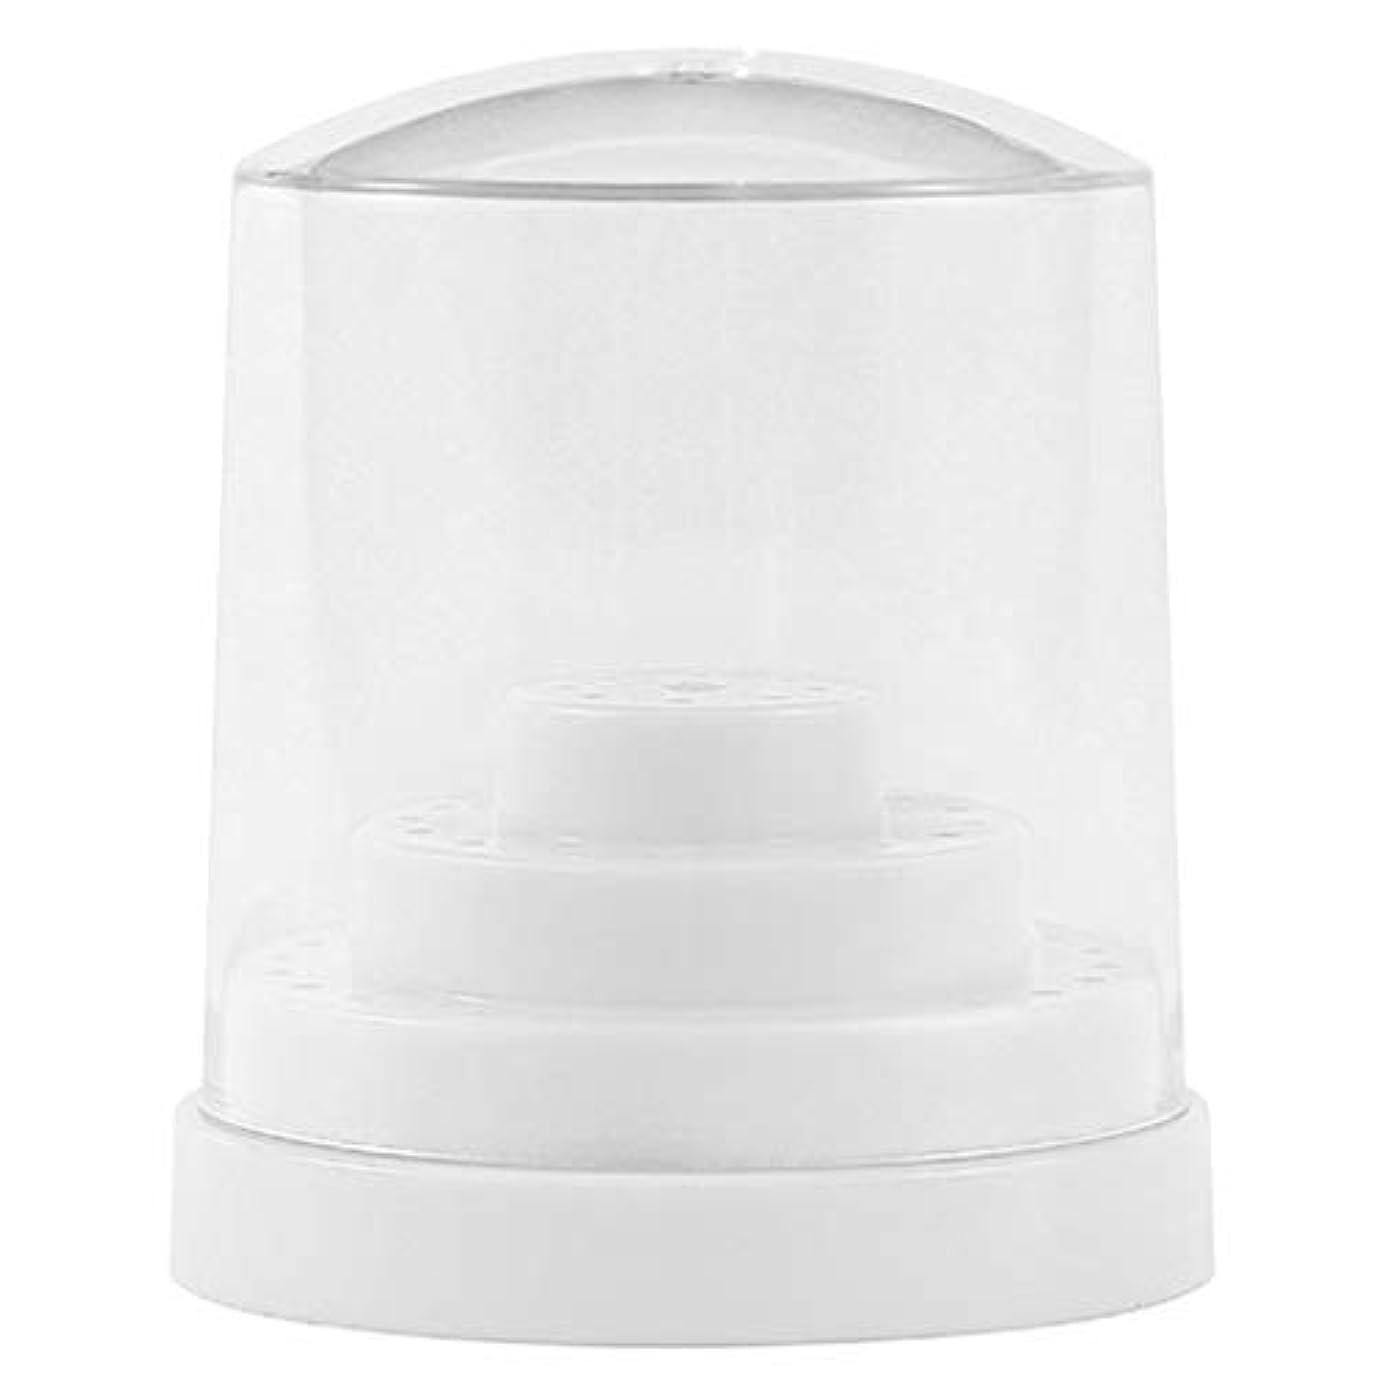 報復する滞在カセットPerfeclan 三層48穴 ネイルドリルビットホルダー アクリル製 ネイルマシーン用ビットスタンド 防塵 全2色 - ホワイト